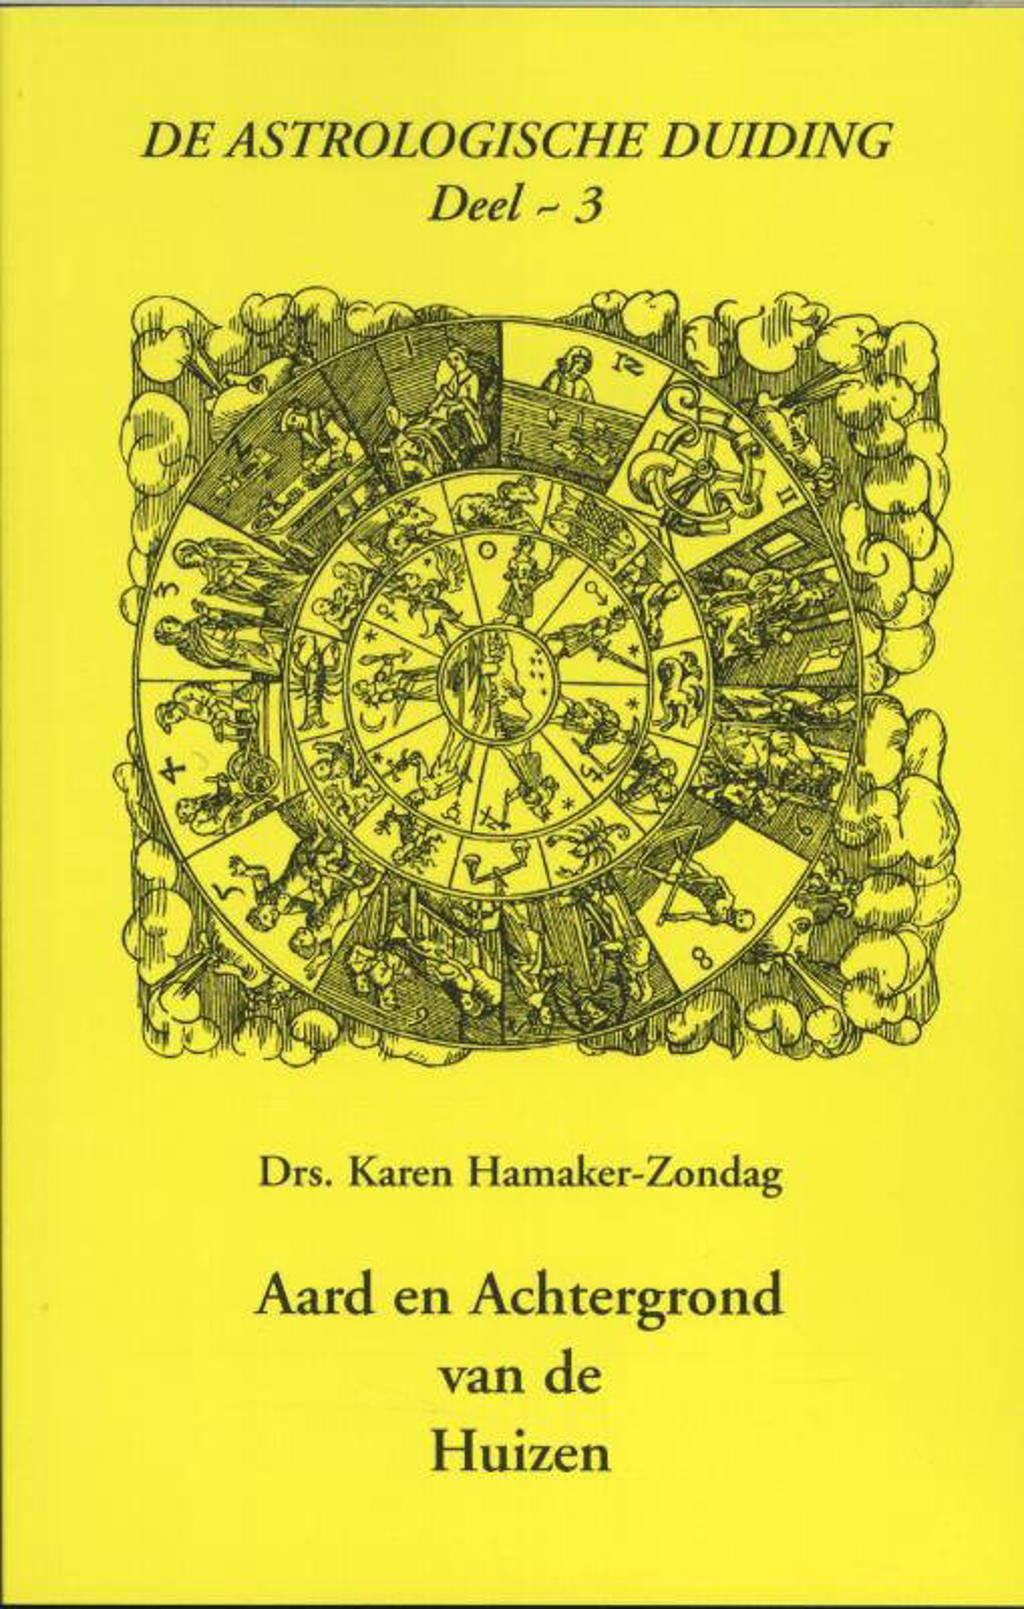 De astrologische duiding: Aard en achtergrond van de huizen 3 - Karen Hamaker-Zondag